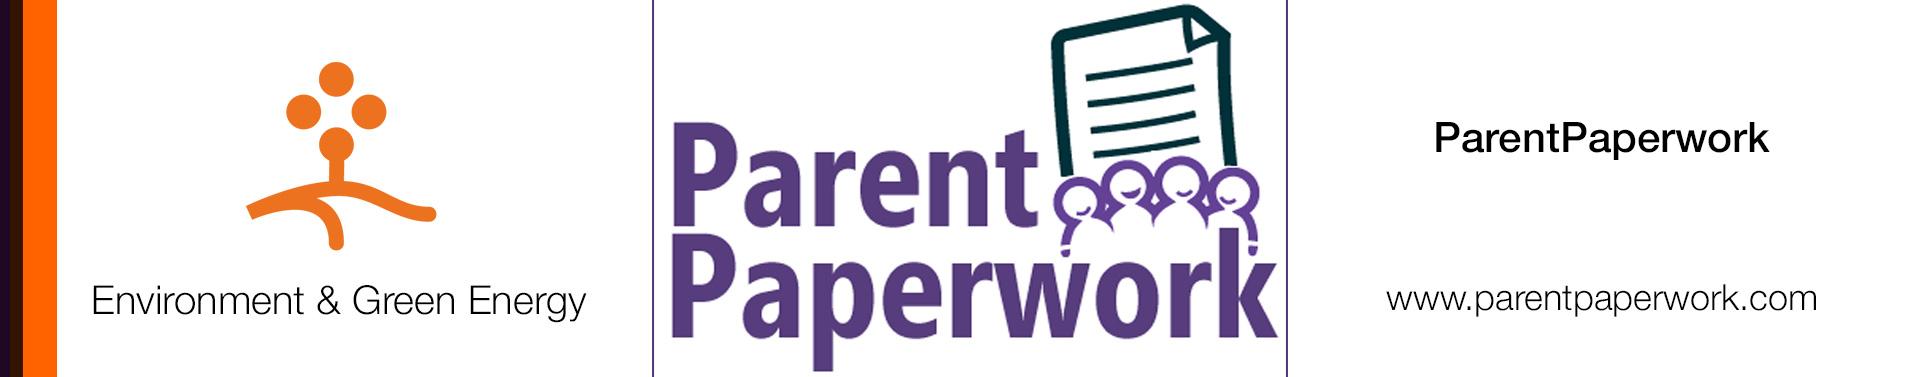 Parent Paperwork